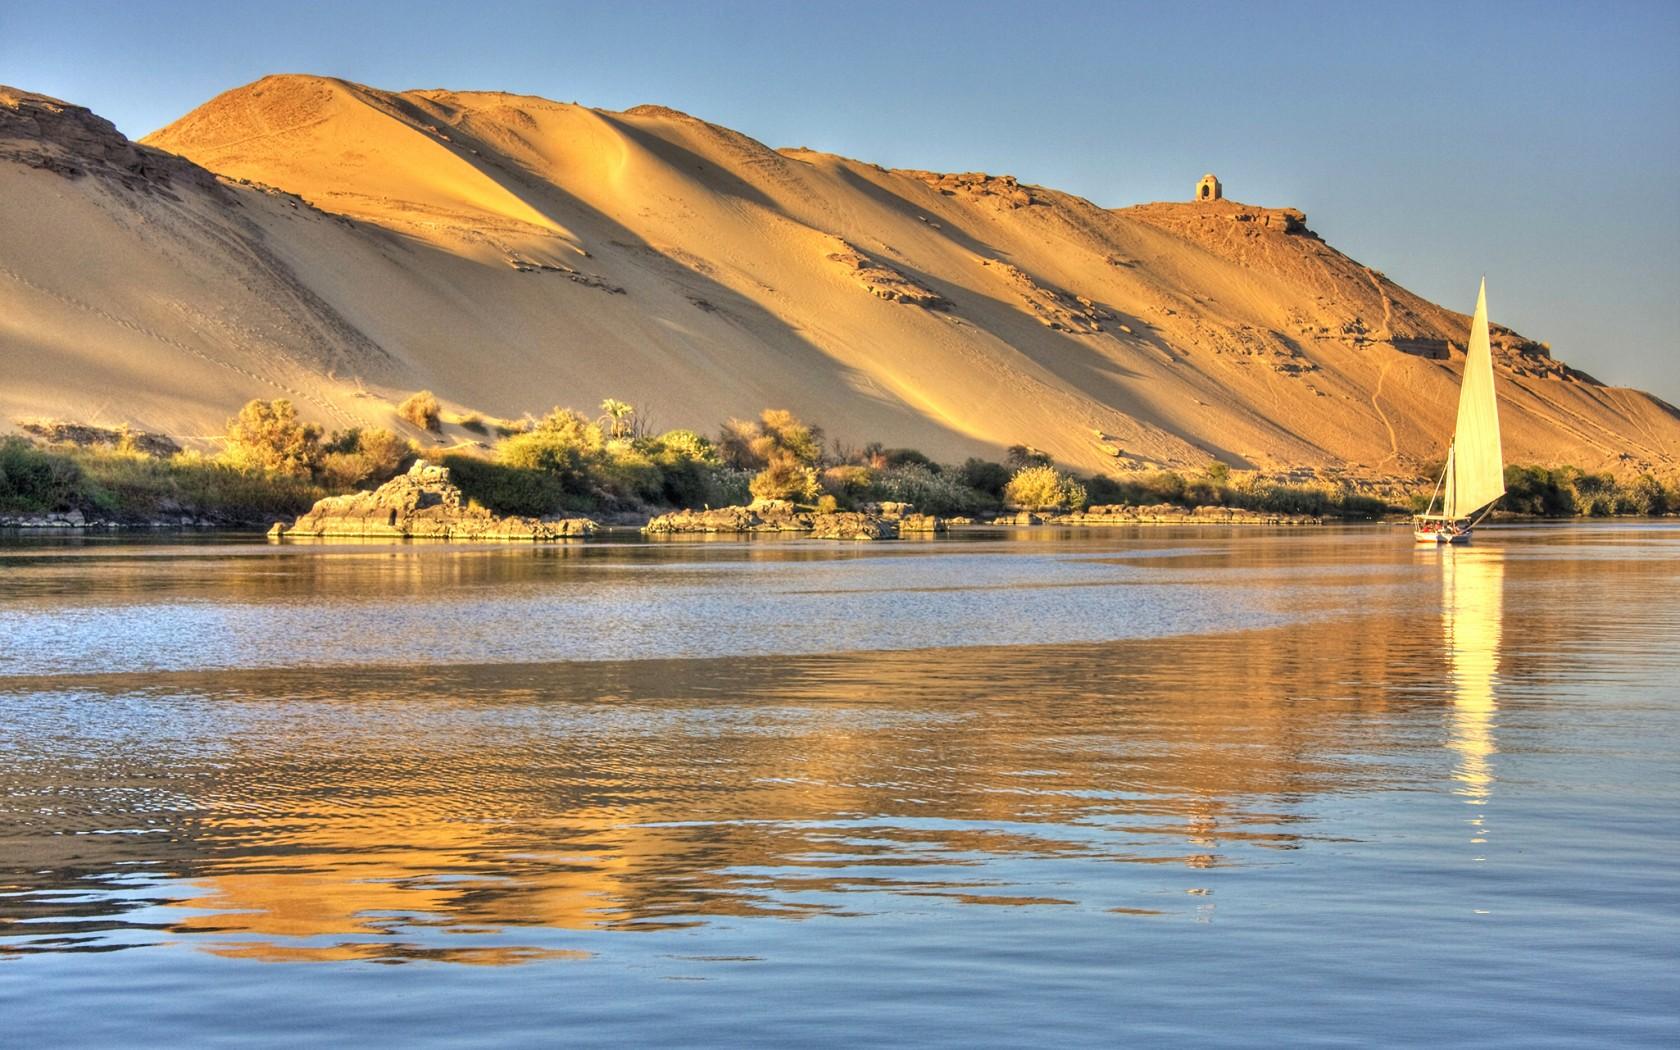 صوره صور من نهر النيل , اجمل صور ل اطول الانهار